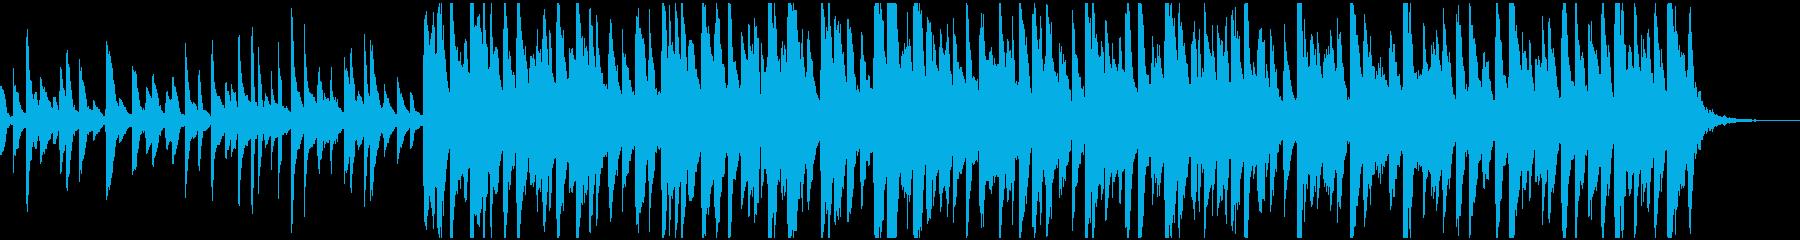 森の中で流れそうな曲の再生済みの波形